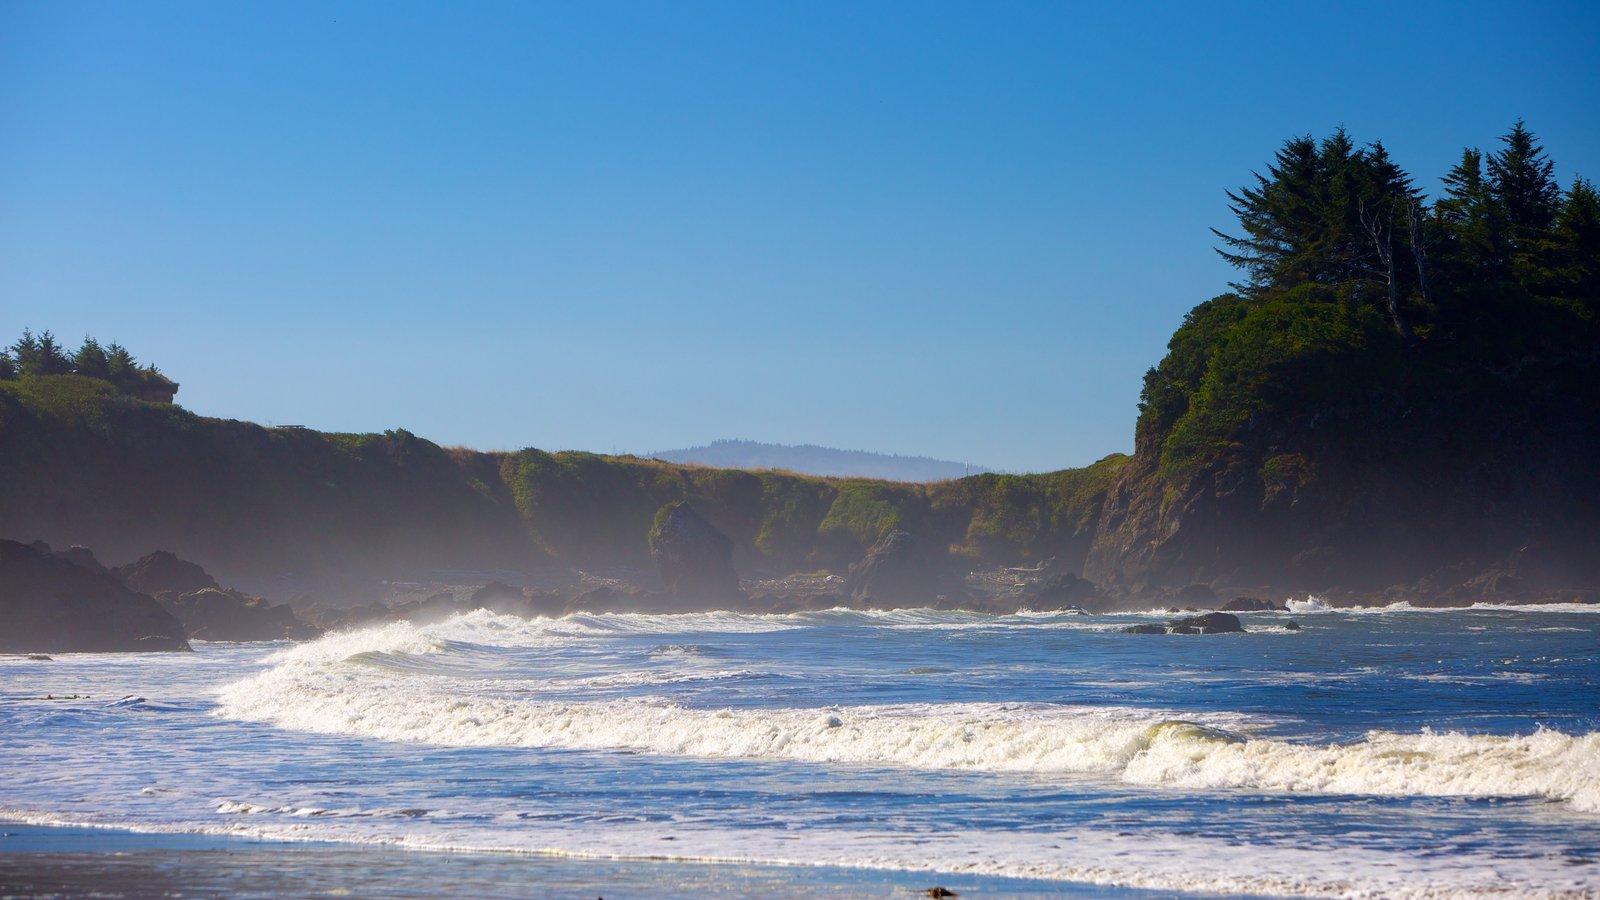 Brookings featuring waves